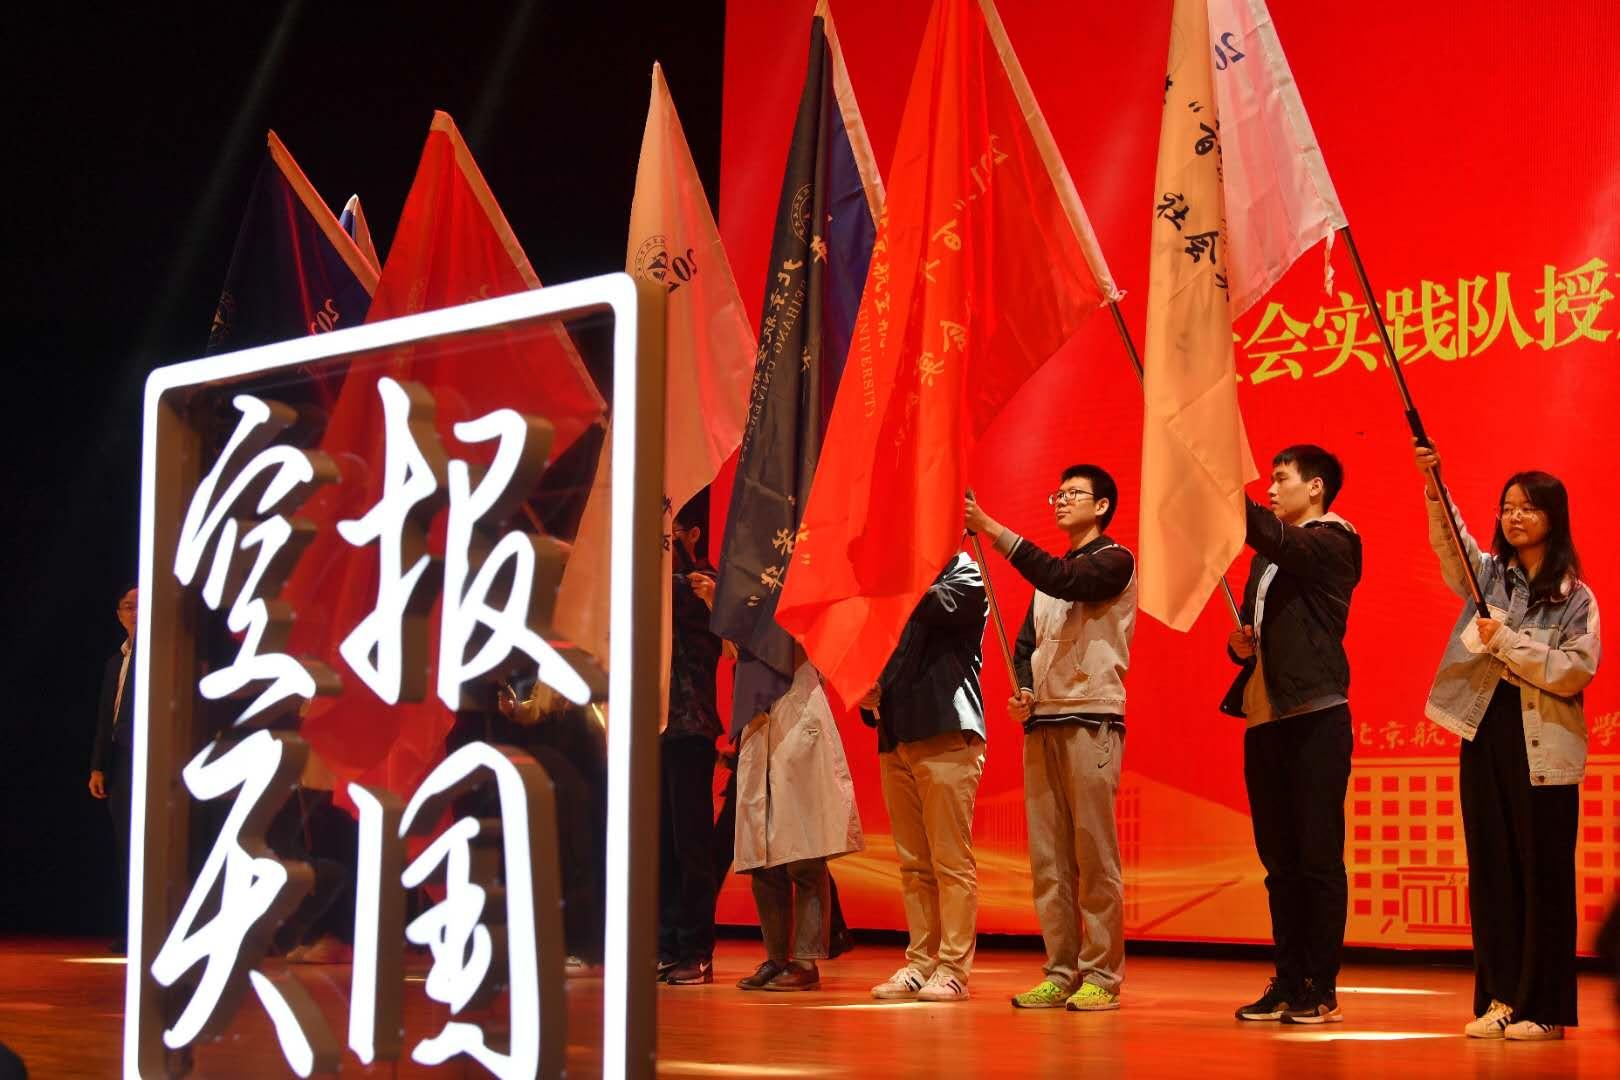 重走建党百年路 北京航空航天大学2021年社会实践队出征